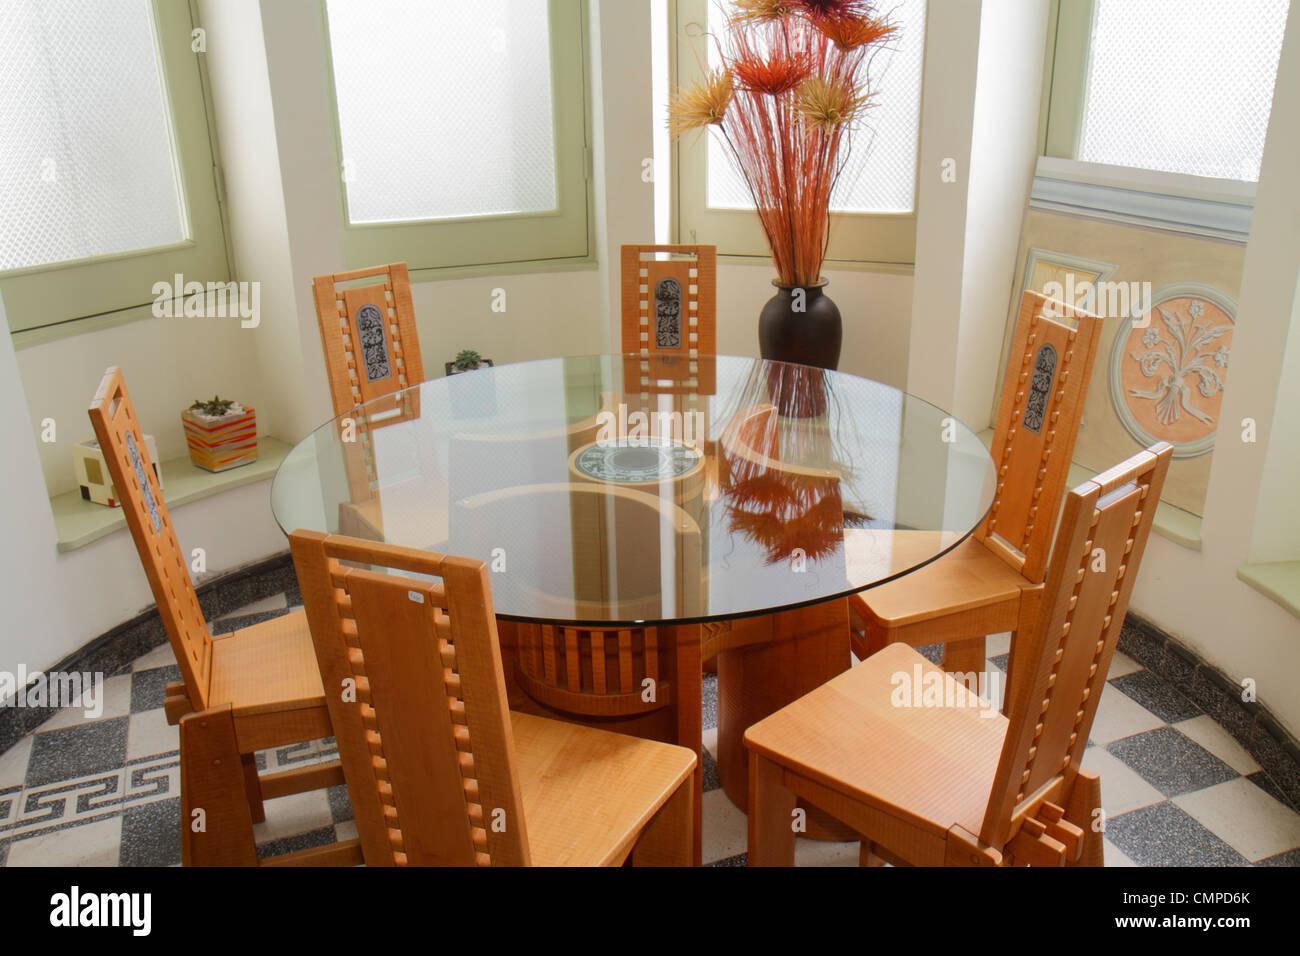 Lima Peru Barranco Avenida El Libertador San Martin Art Furniture Gallery Artesanos Don Bosco Religious Non